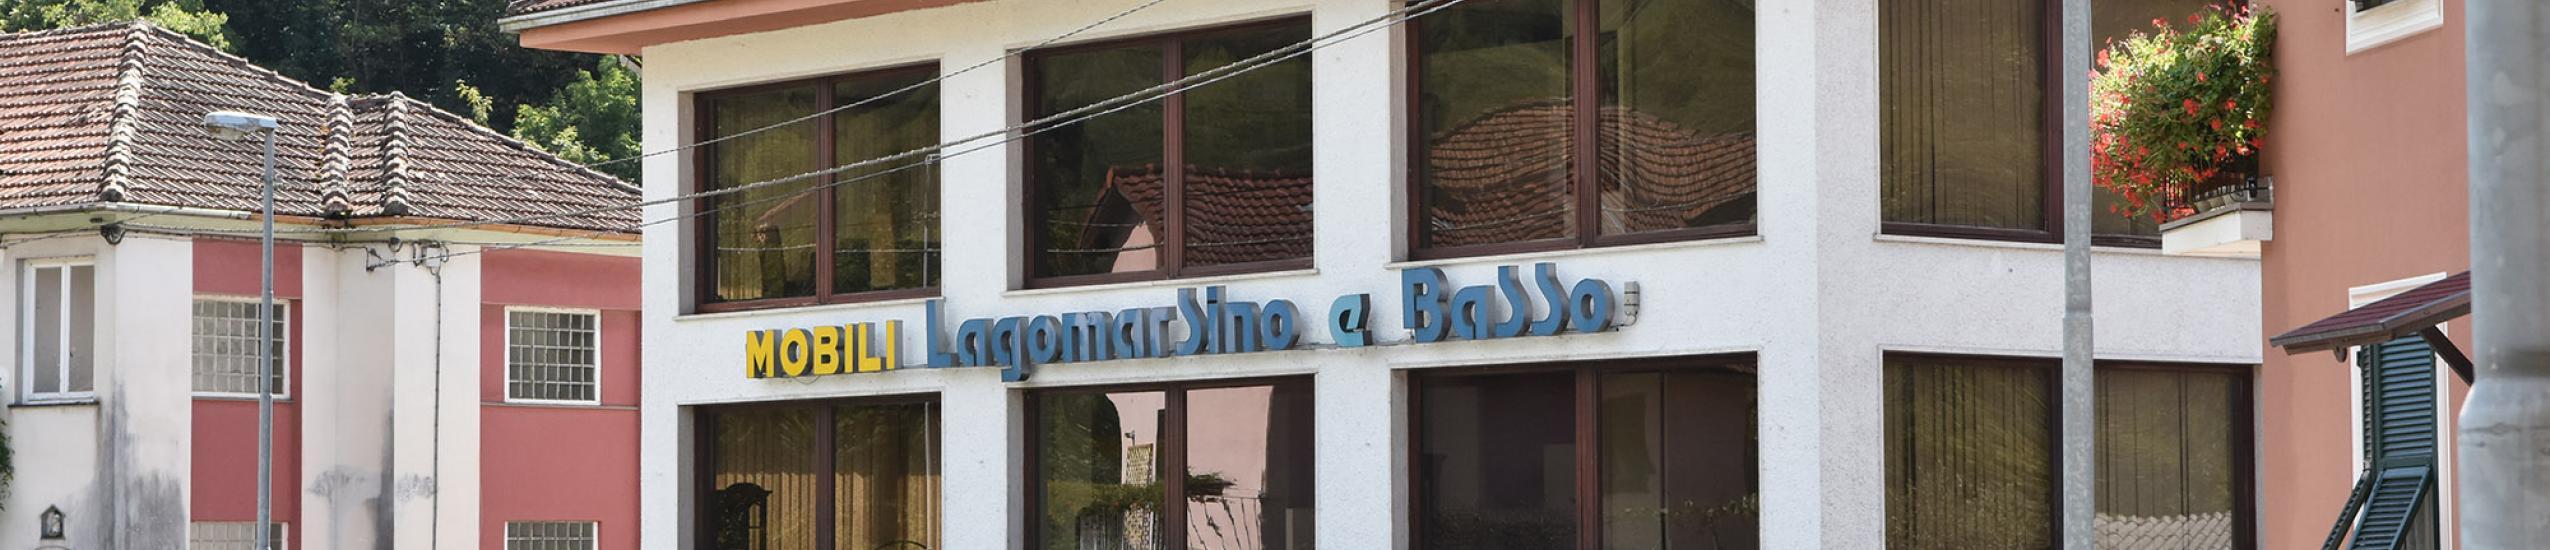 Lagomarsino e Basso - locale espositivo